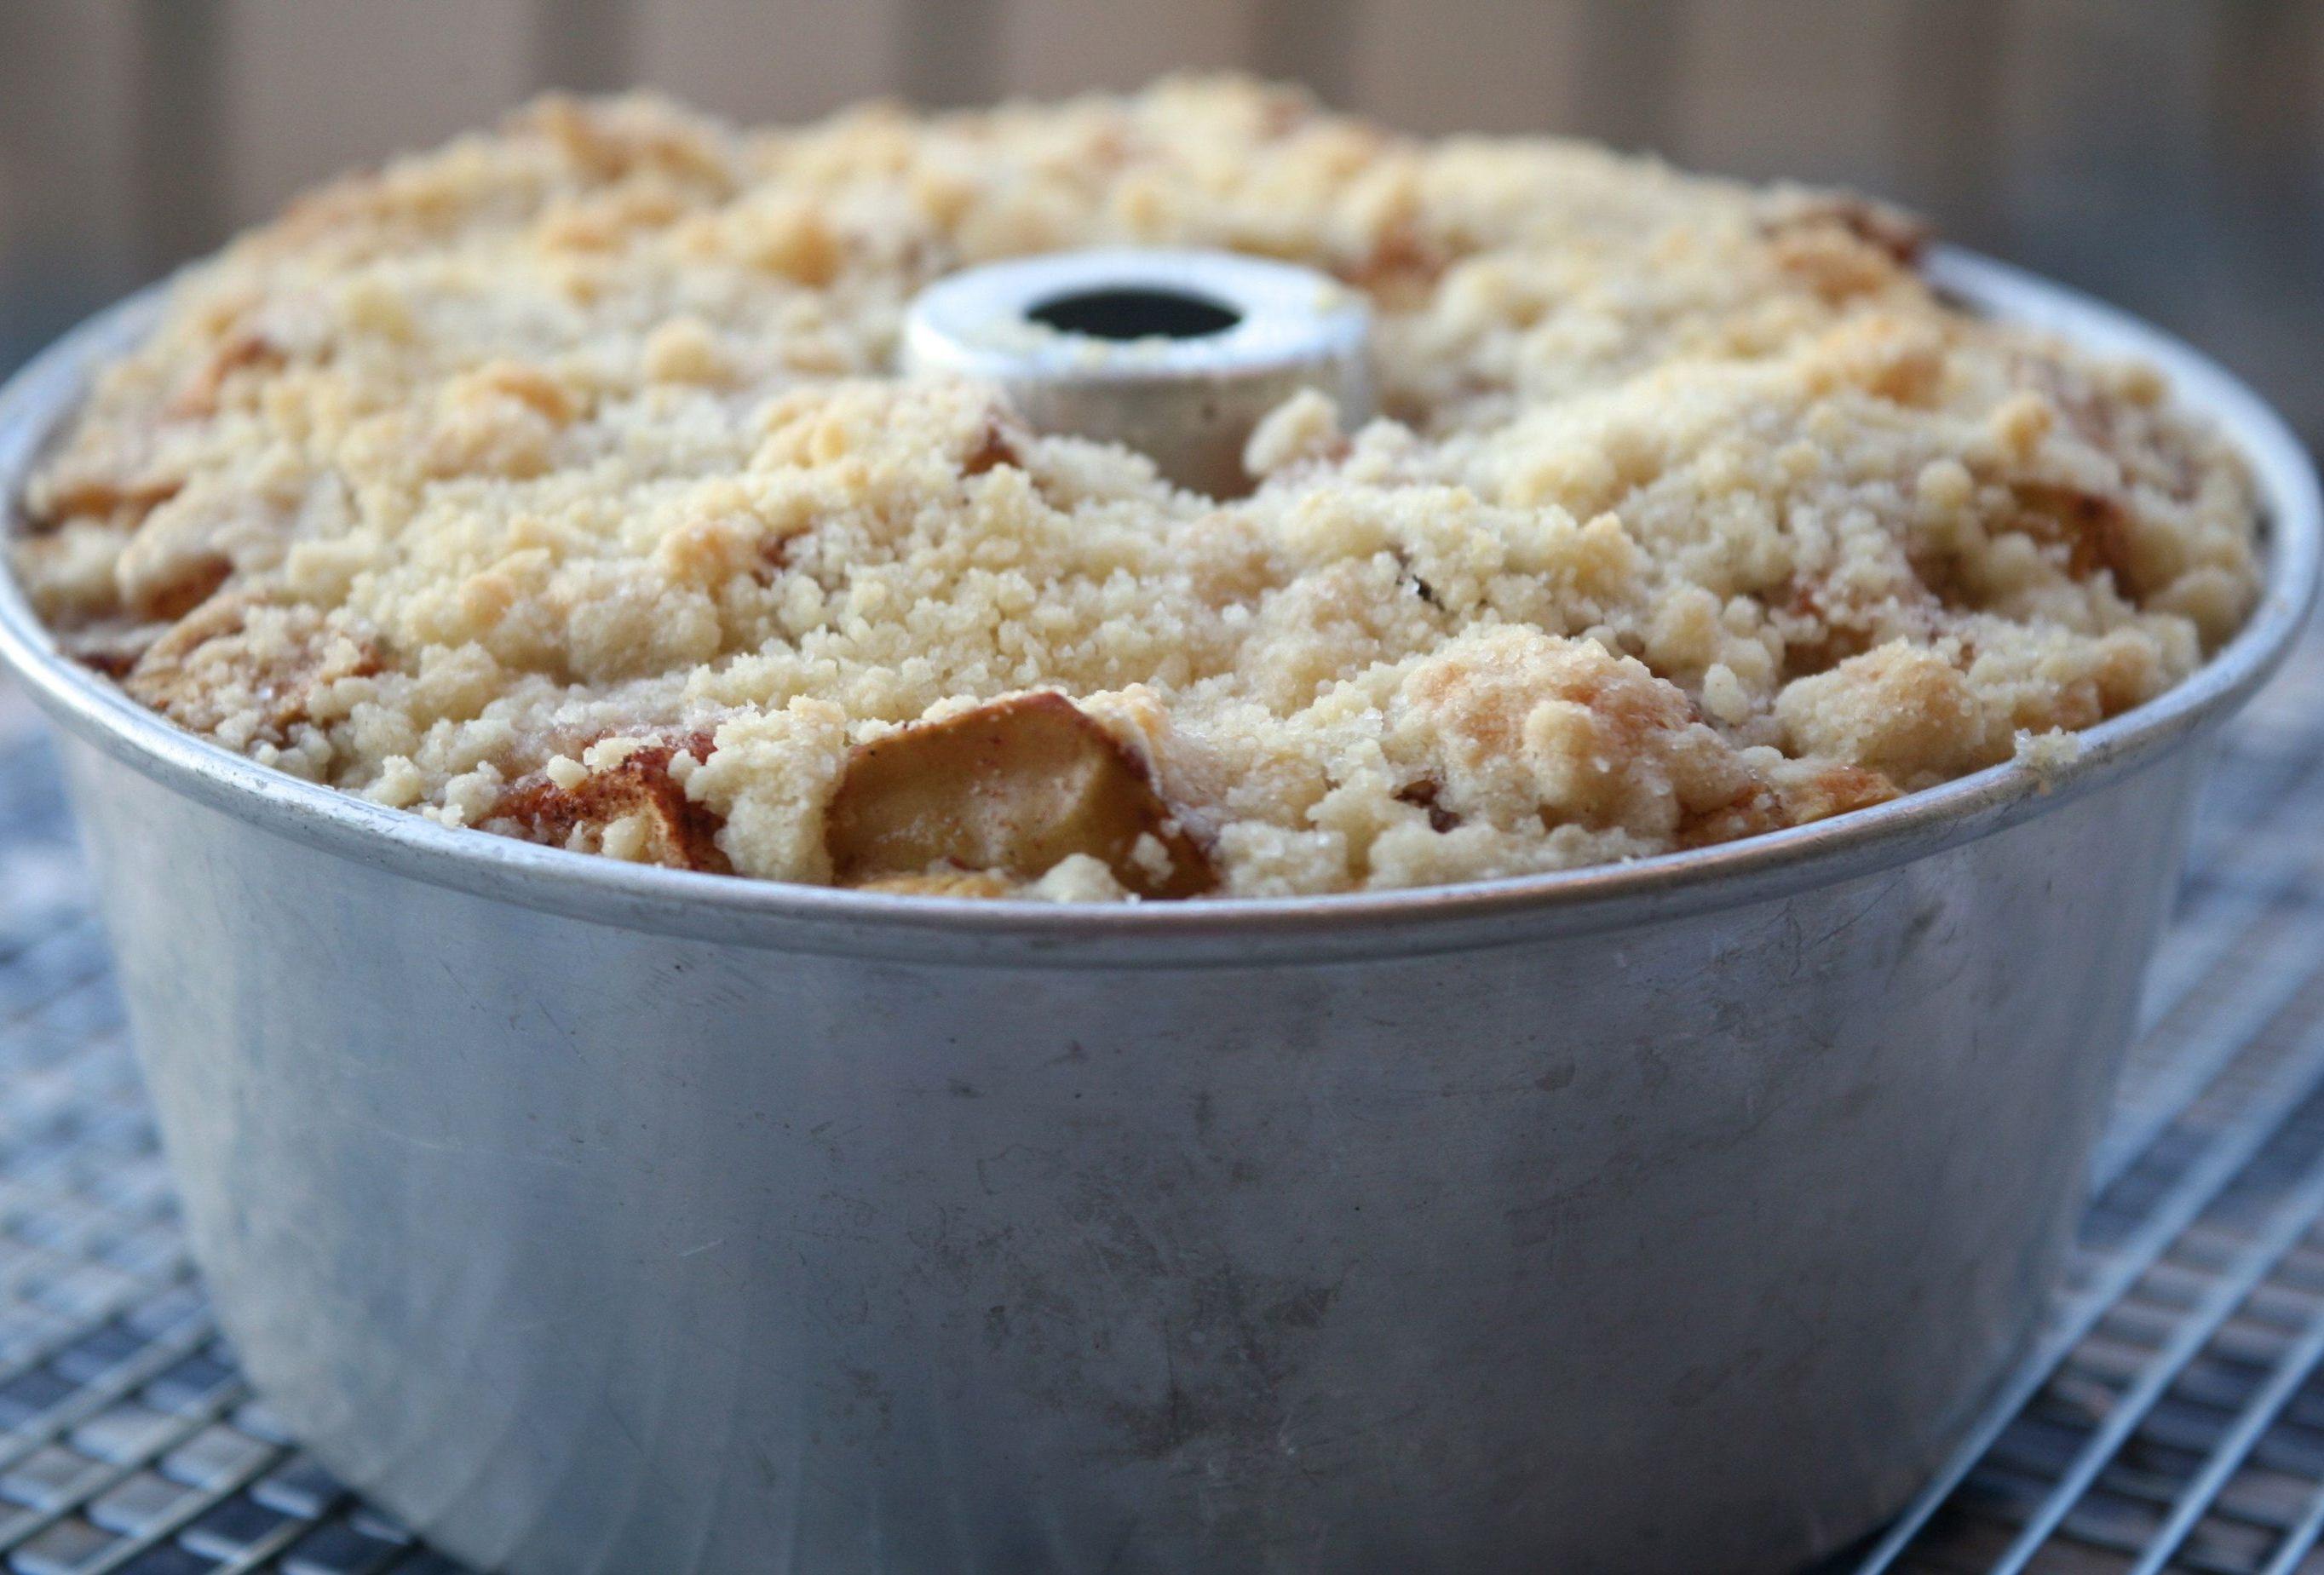 עוגת תפוחים עם פירורים קרן אגם נשואה למאפייה